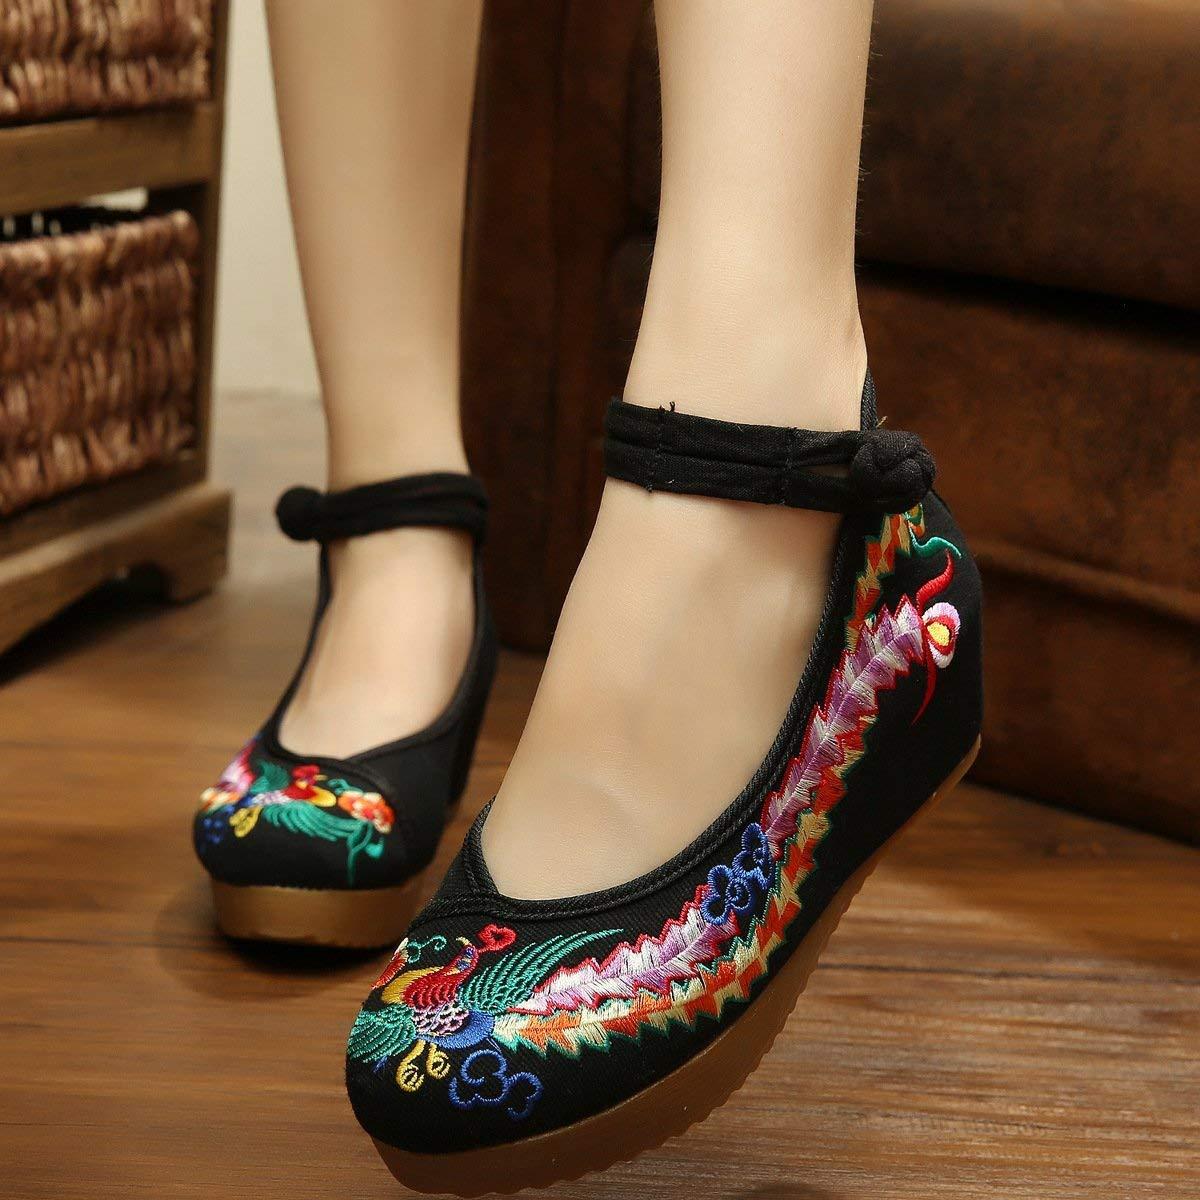 Fuxitoggo Bestickte Schuhe Leinen Sehnensohle Ethno-Stil Frauenschuhe Mode bequem lässig schwarz (Farbe   - Größe   -)